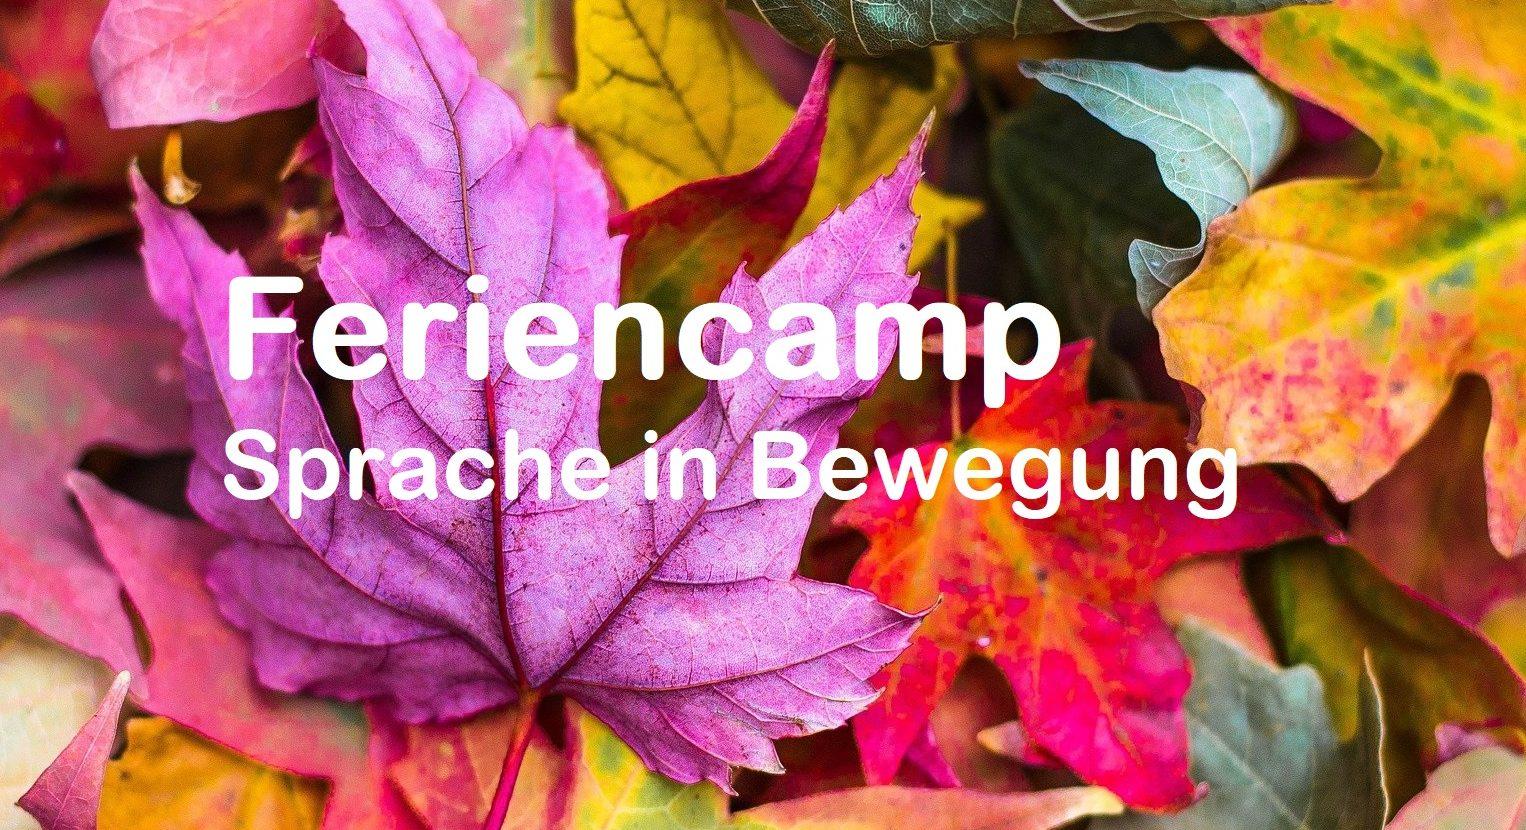 Feriencamp Sprache in Bewegung